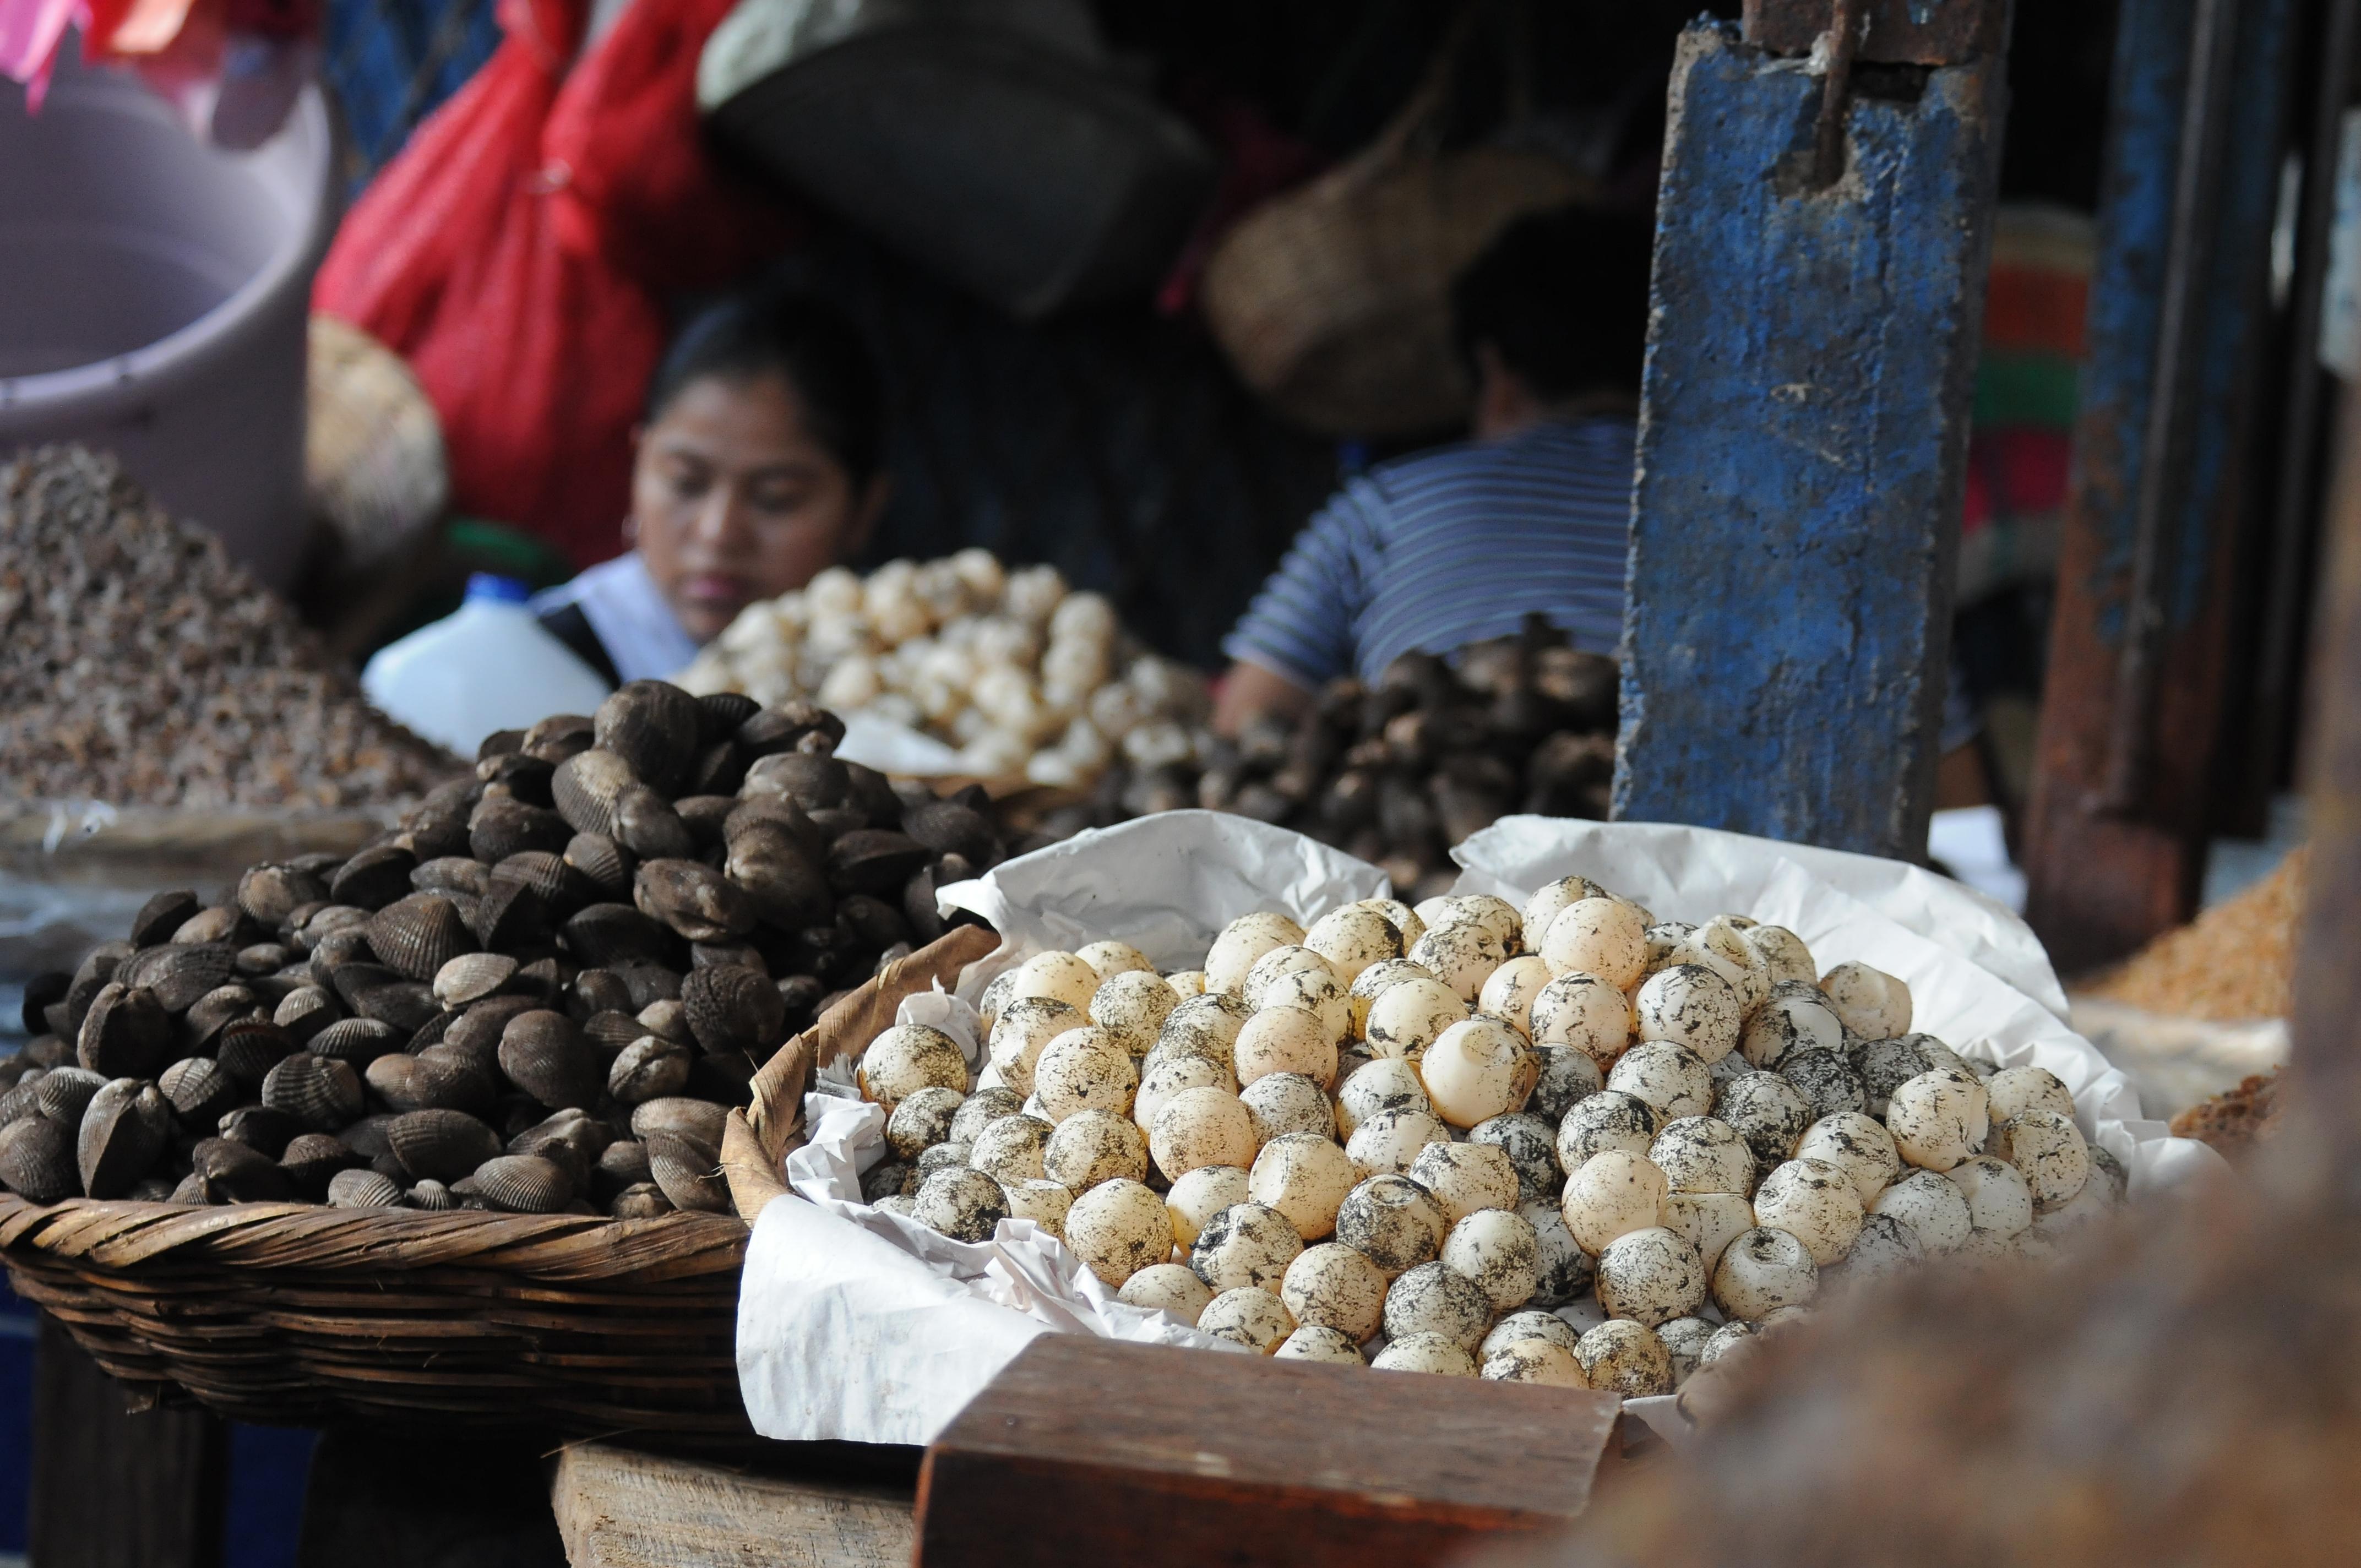 En el mercado Oriental,  los huevos de paslama son vendidos por docena, aún cuando es ilegal, según la Resolución Ministerial 043-2005. LA PRENSA/ M. ESQUIVEL